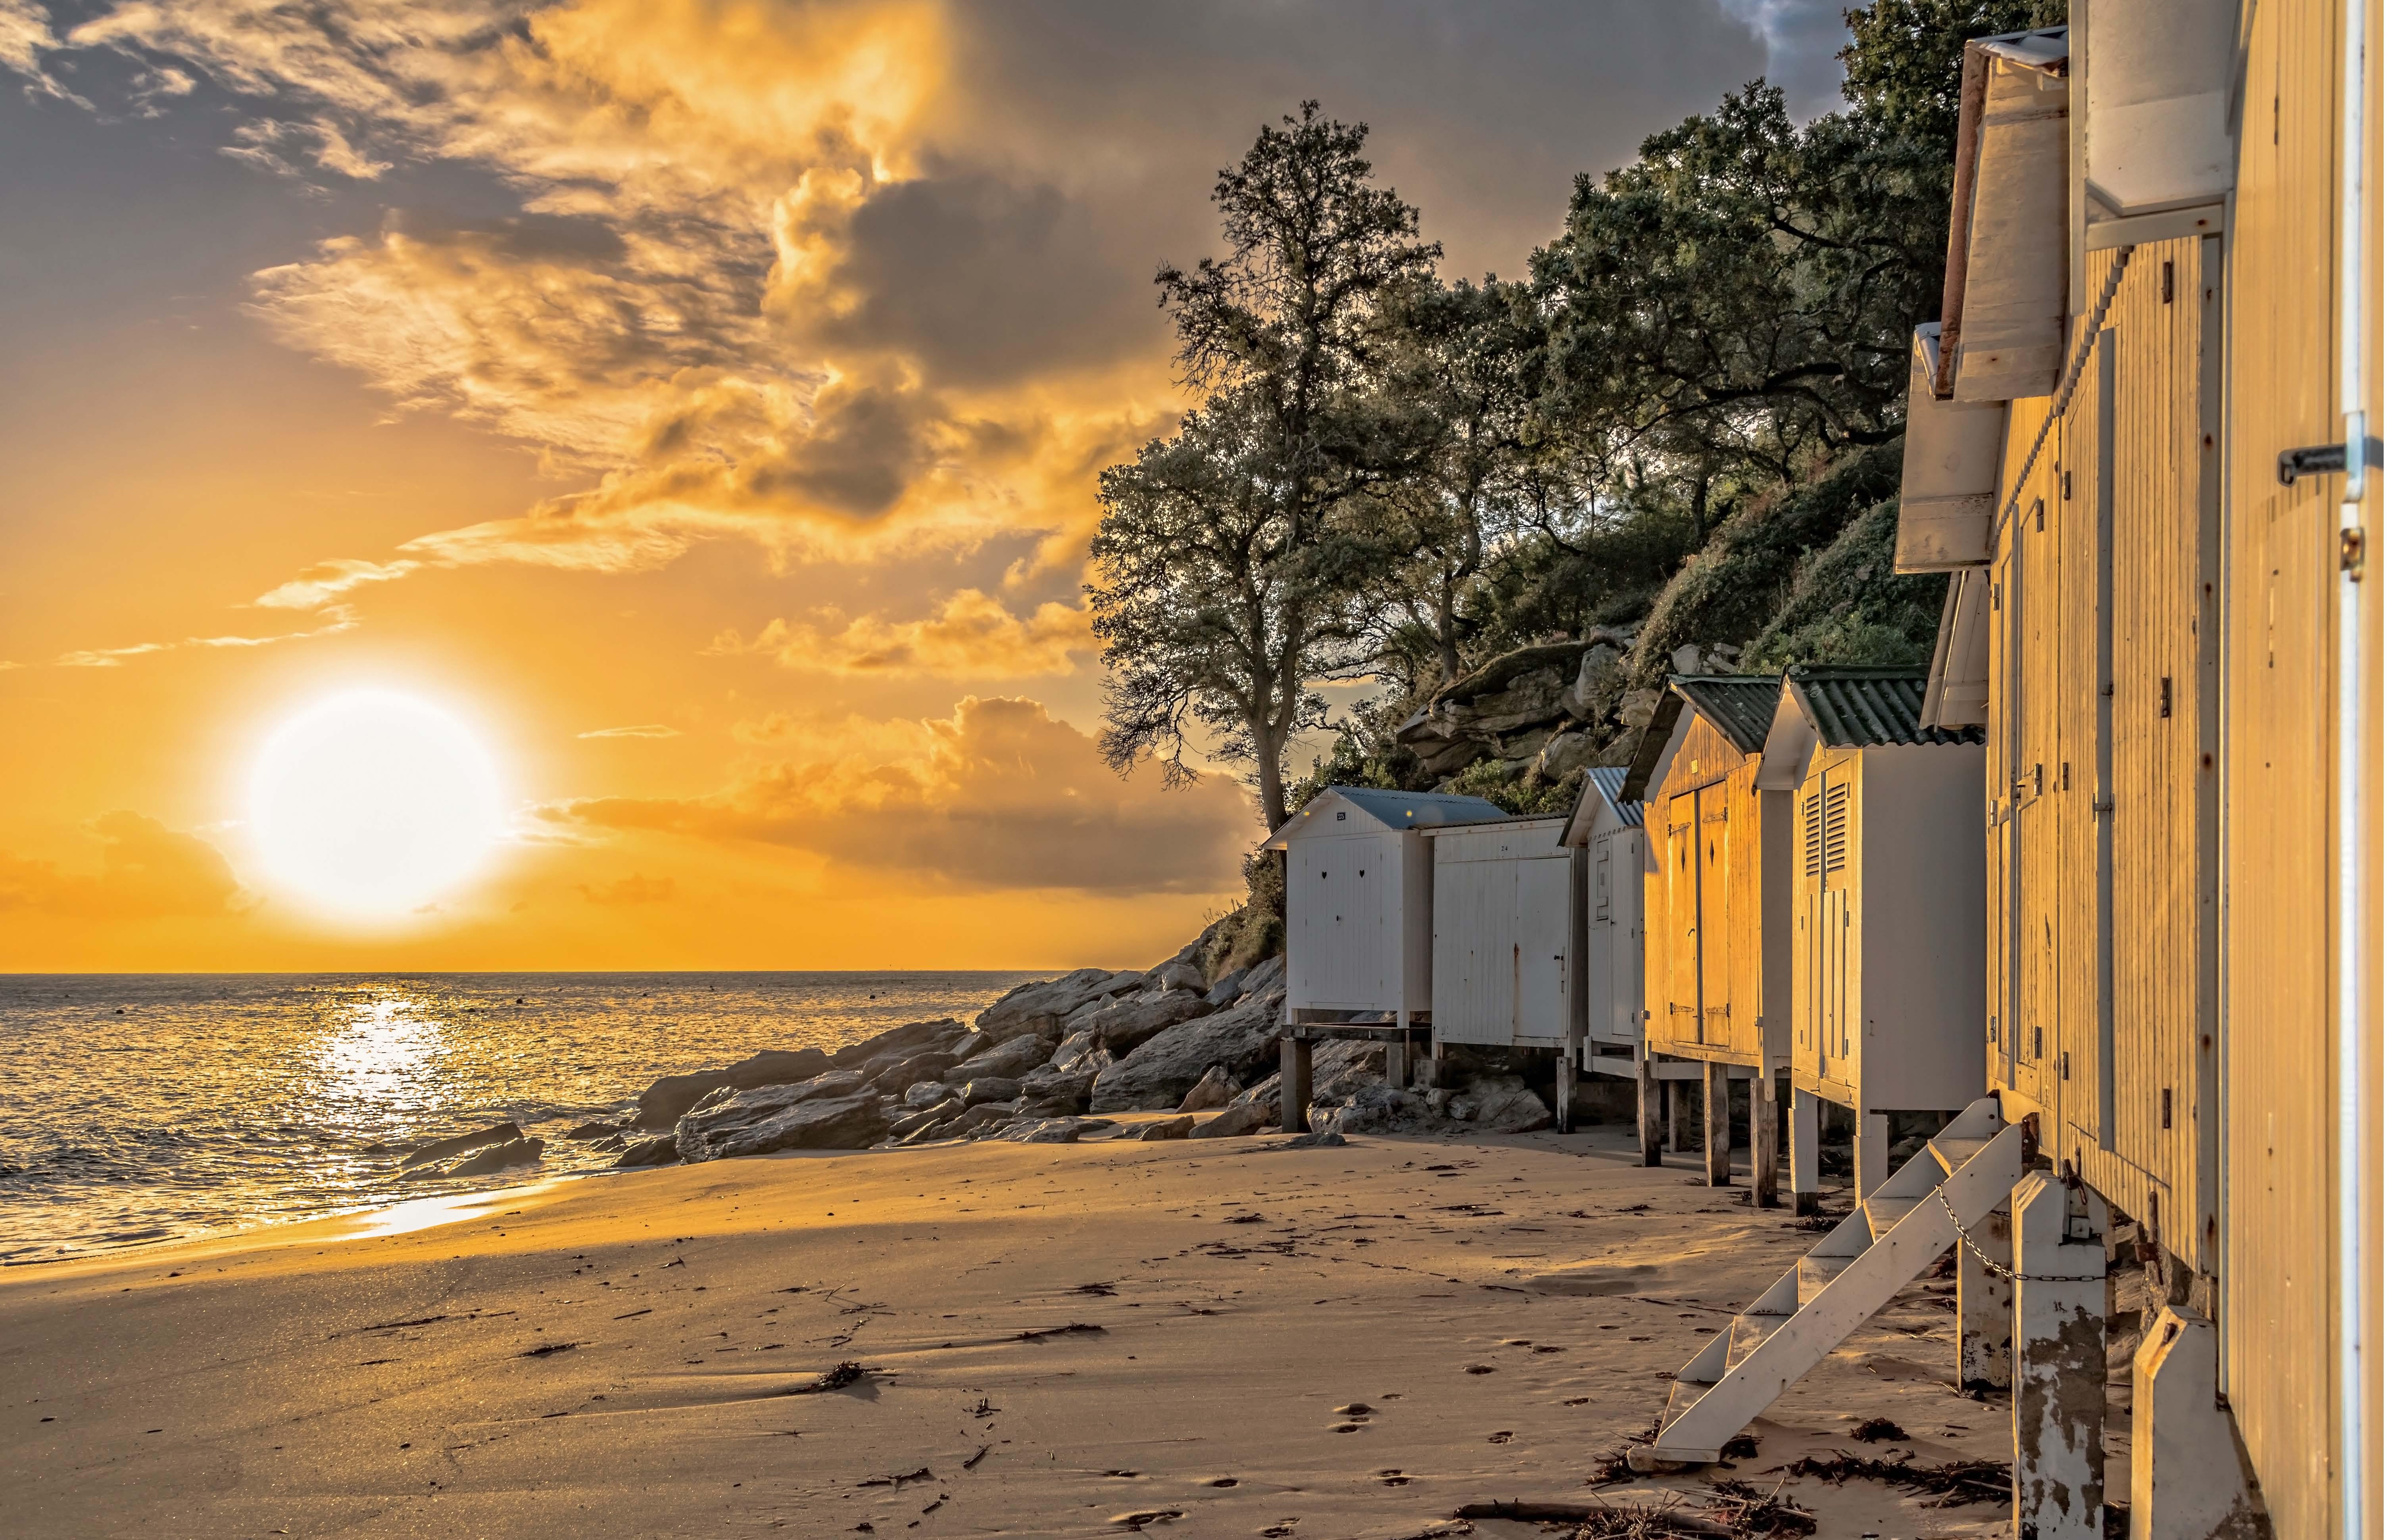 Laminé-coucher de soleil-sefam